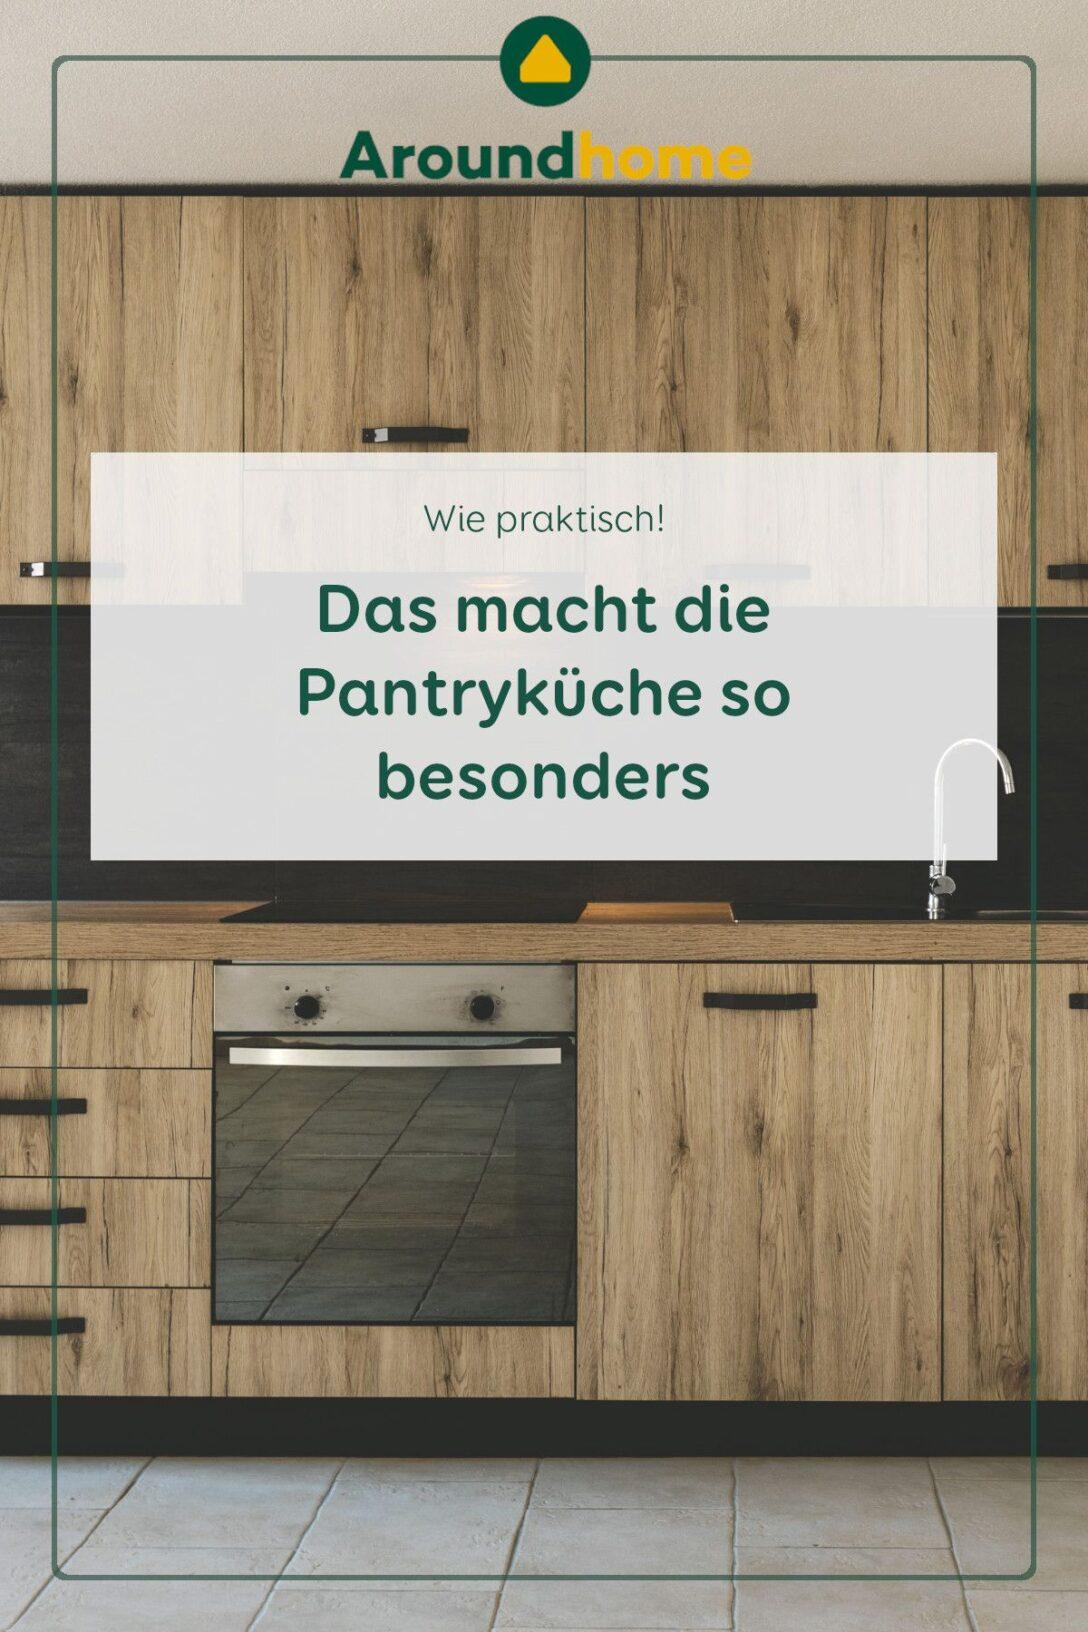 Large Size of Pantryküche Design Pantrykchen Preise Designer Badezimmer Betten Esstische Mit Kühlschrank Lampen Esstisch Bett Modern Regale Küche Industriedesign Wohnzimmer Pantryküche Design